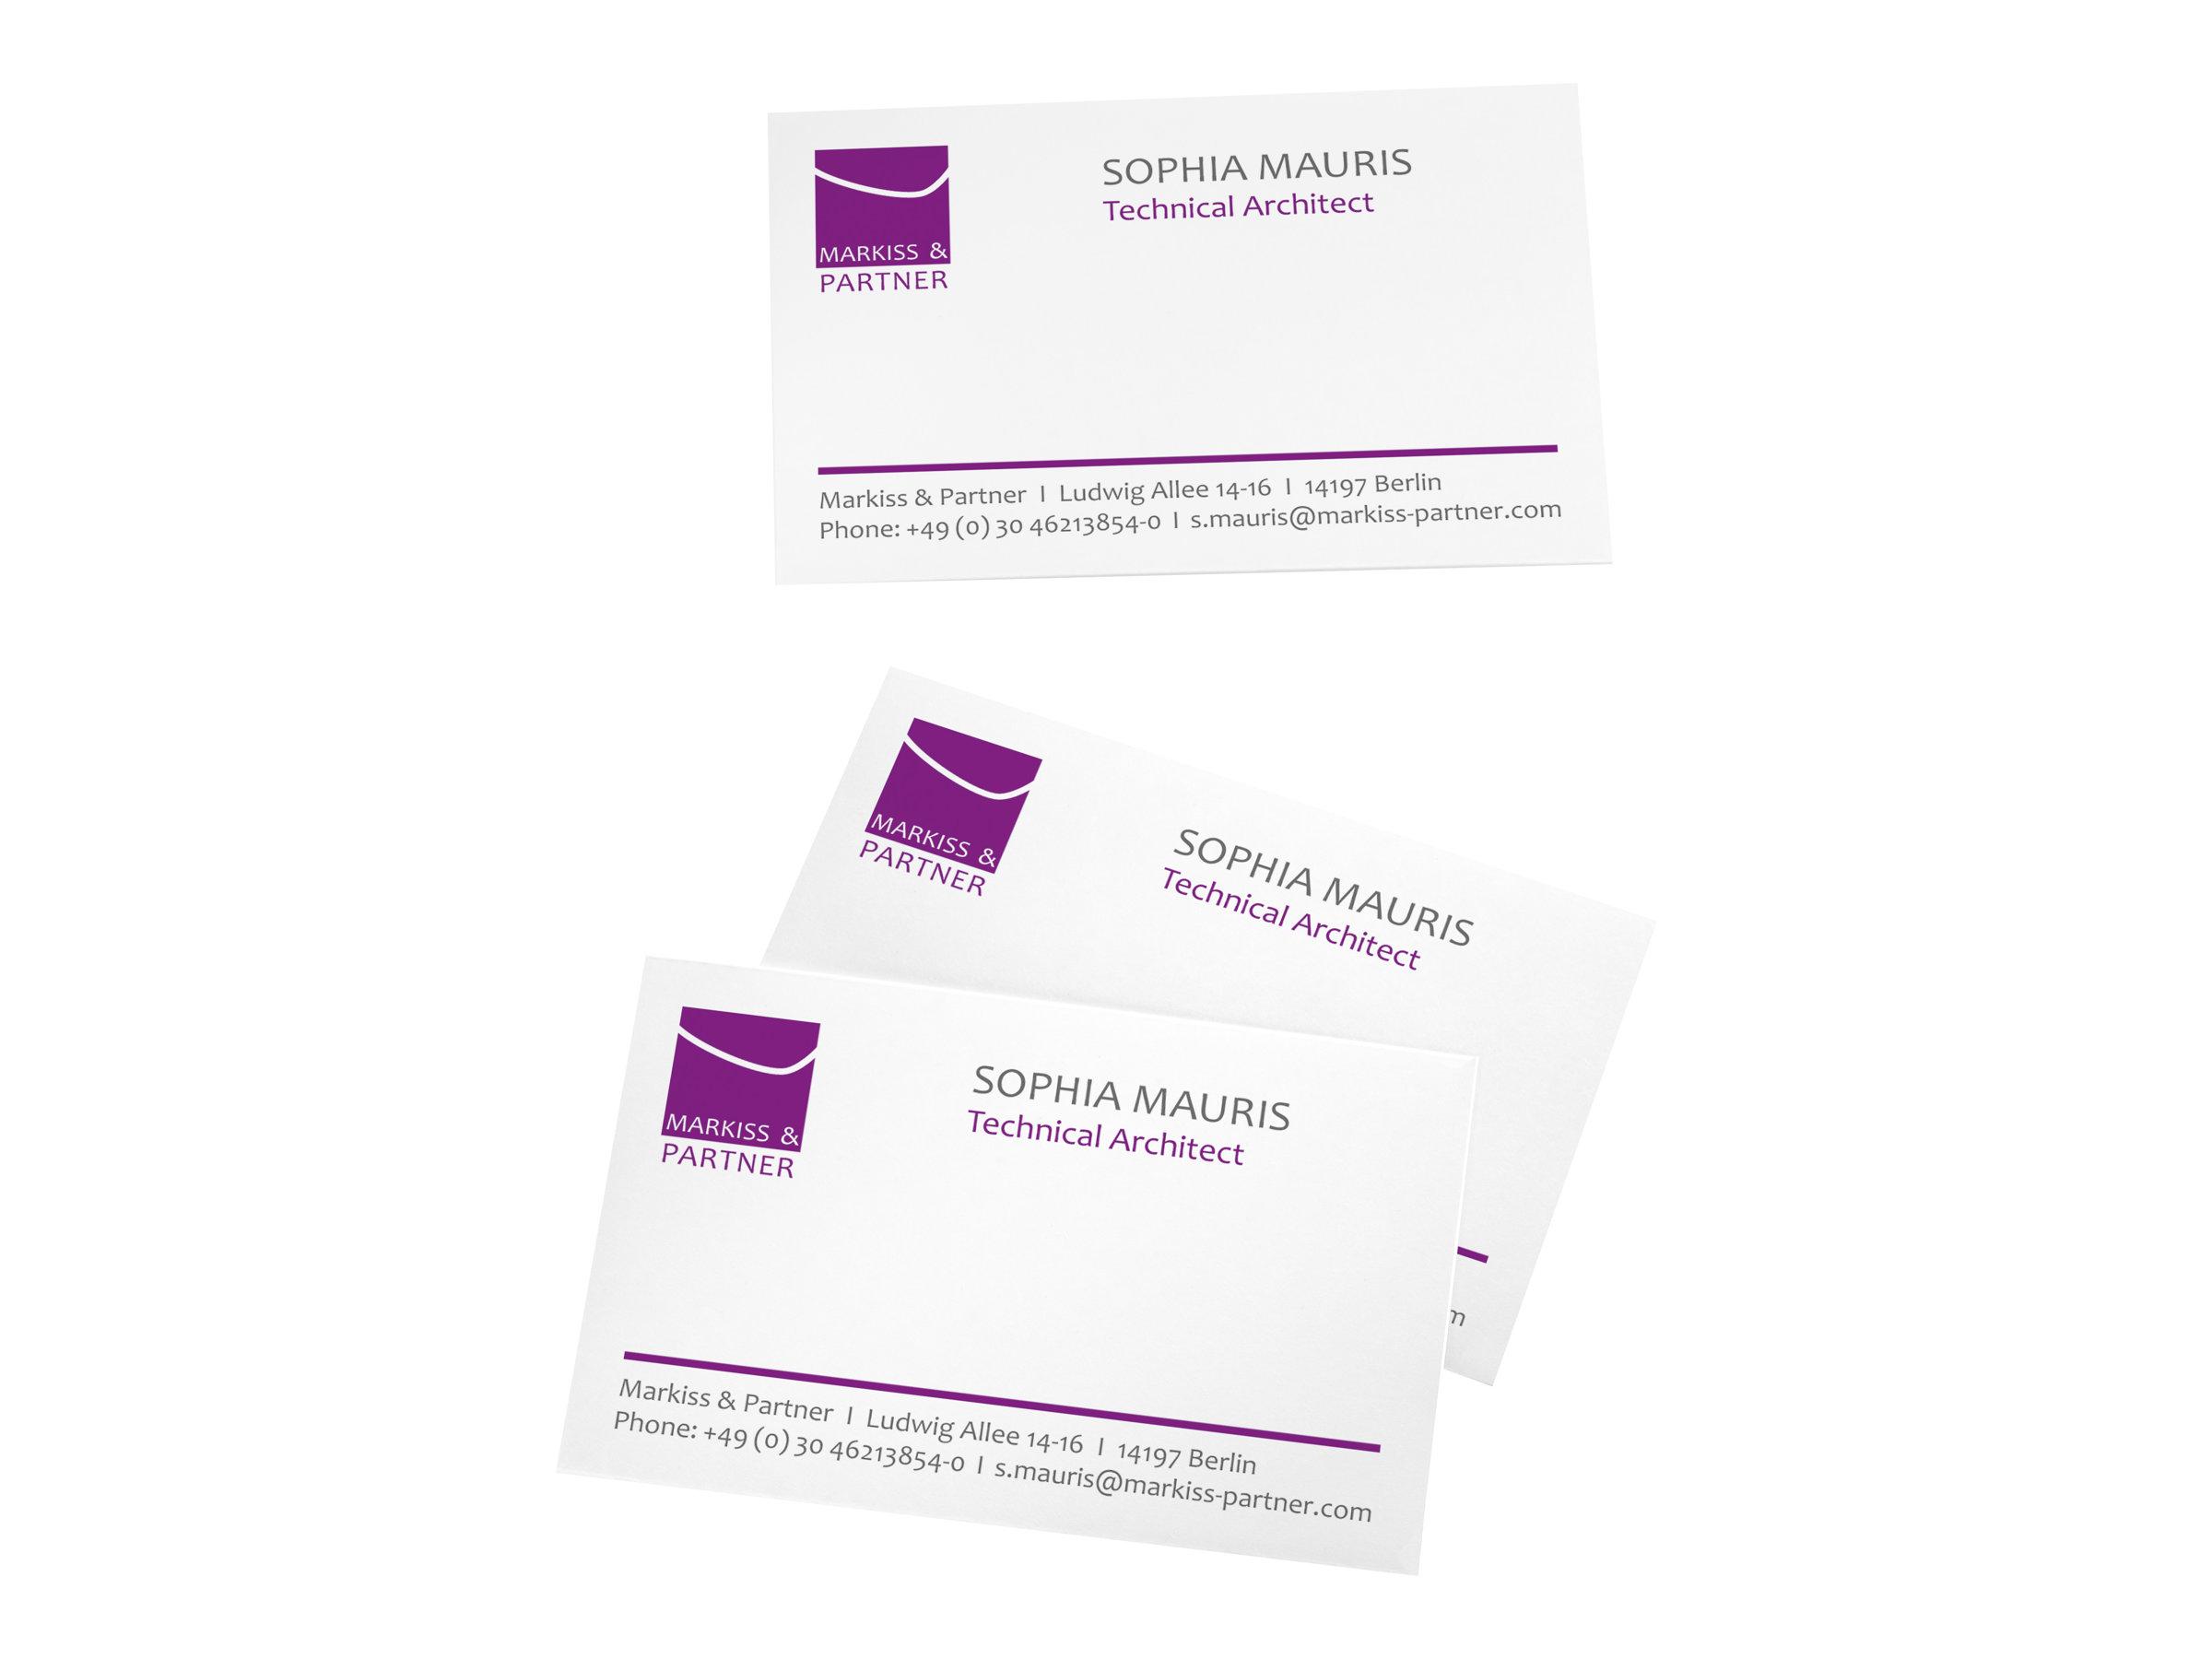 Sigel - Papier pour 150 cartes de visite 85 x 55 mm - 185 g/m²